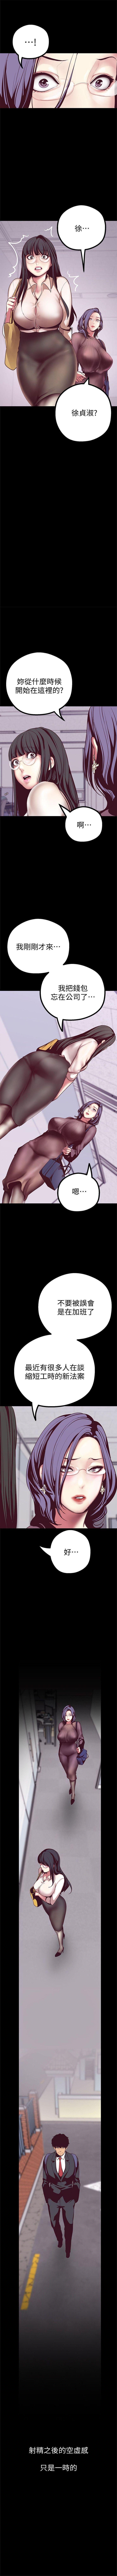 (周6)美丽新世界 1-61 中文翻译 (更新中) 110